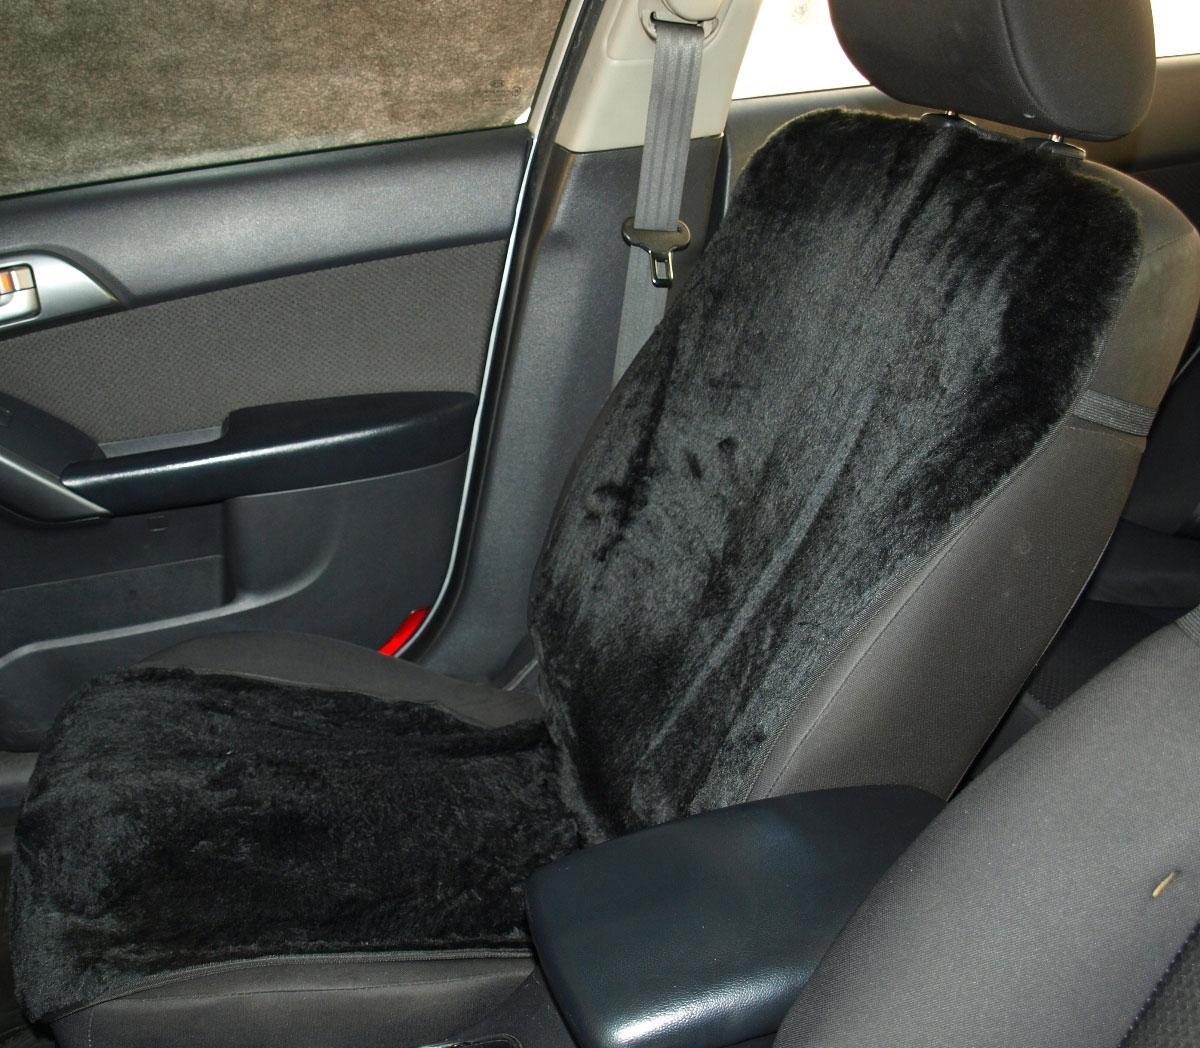 Накидка на сиденье Антей, 54 х 120 смА499Накидка на сиденье Антей предназначена для более комфортной езды в холодное время года. Защищает водителя и пассажира от переохлаждения. А также защищает сиденья автомобиля от преждевременного износа. Синтетический мех накидки не вытирается и не сваливается. Накидка крепится на сиденье и на спинку кресла с помощью текстильных лент, оснащенных карабинами и липучками, а также с помощью резинок. Края накидки аккуратно прошиты. Подходит для раздельных автокресел любых автомобилей.